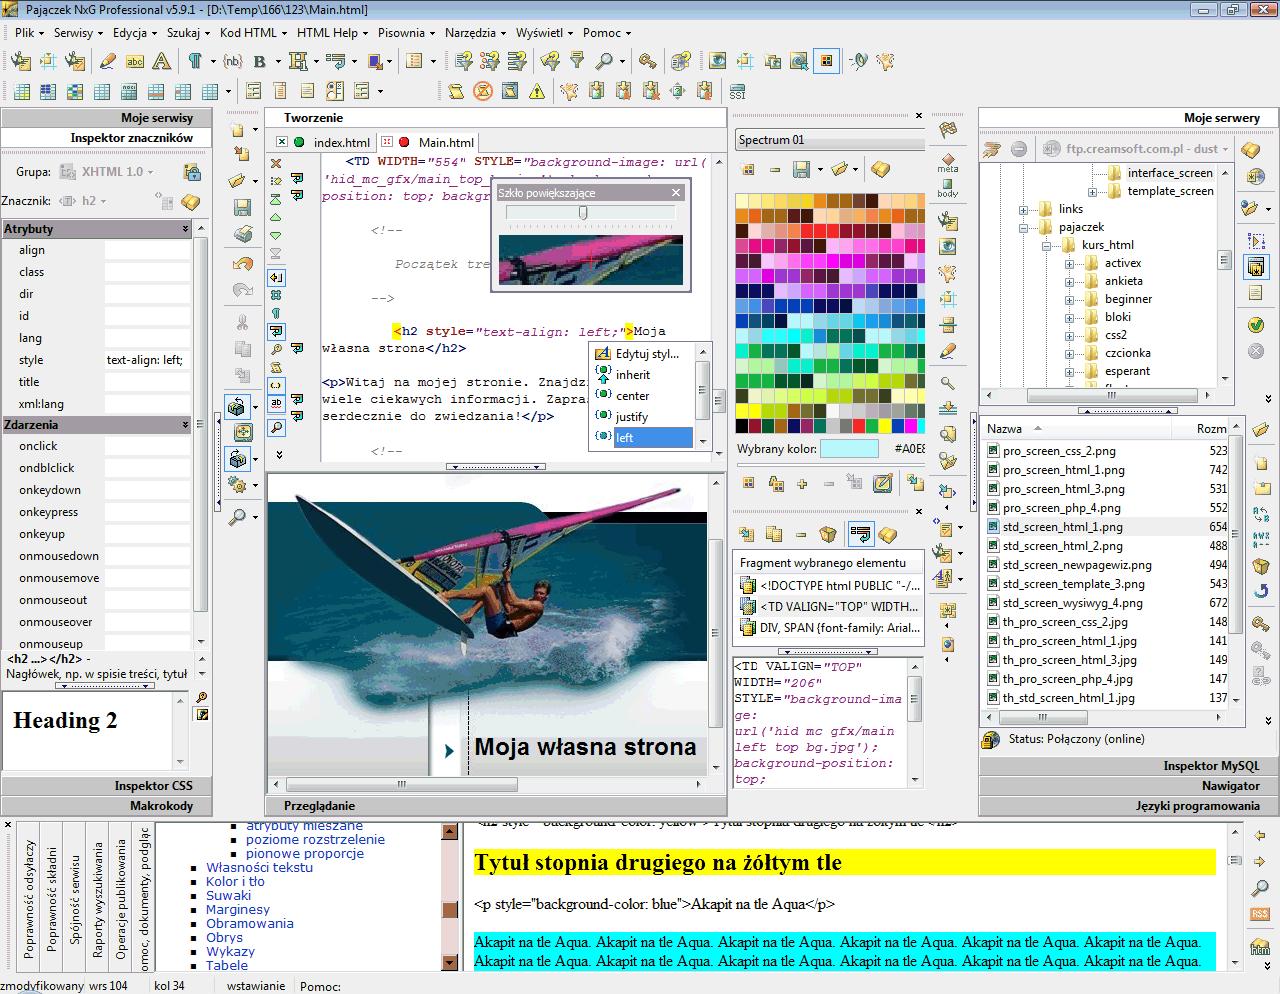 Główne okno programu z widokiem pomocy, edycji z podpowiedziami stylów, inspektora znaczników, połączenia FTP, szkła powiększającego, wieloschowka, palety kolorów.